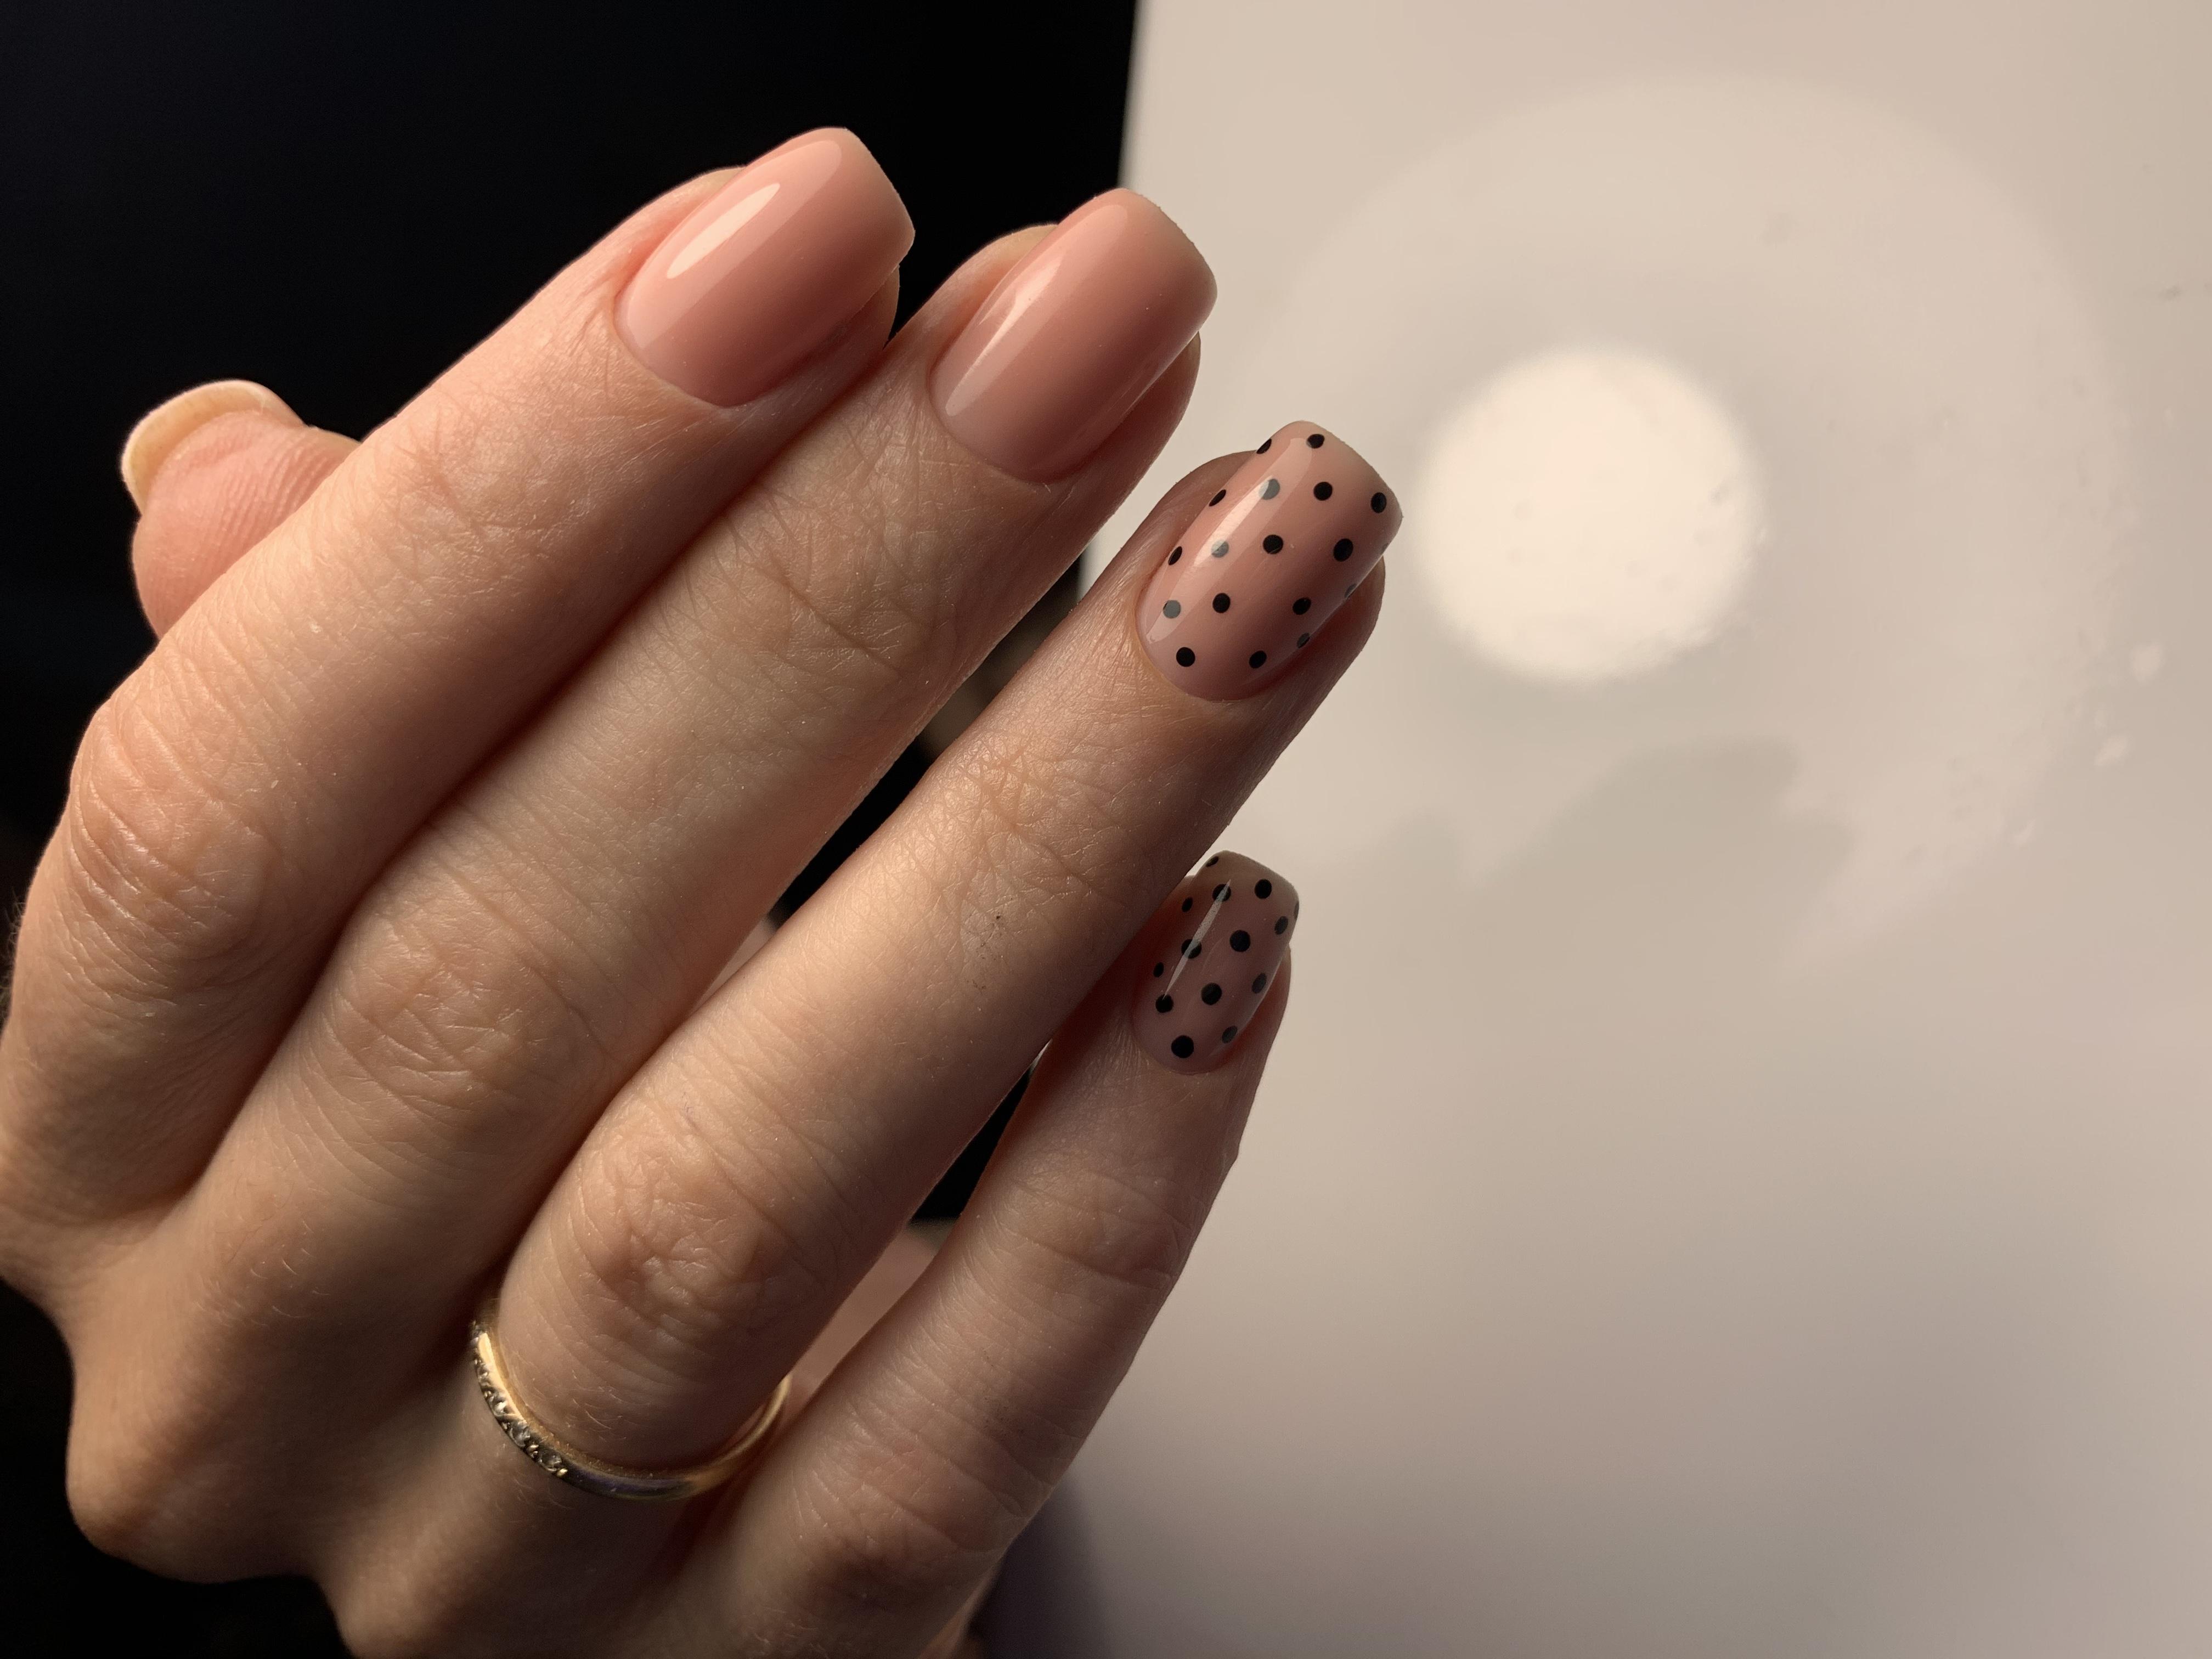 Нюдовый маникюр в горошек на короткие ногти.